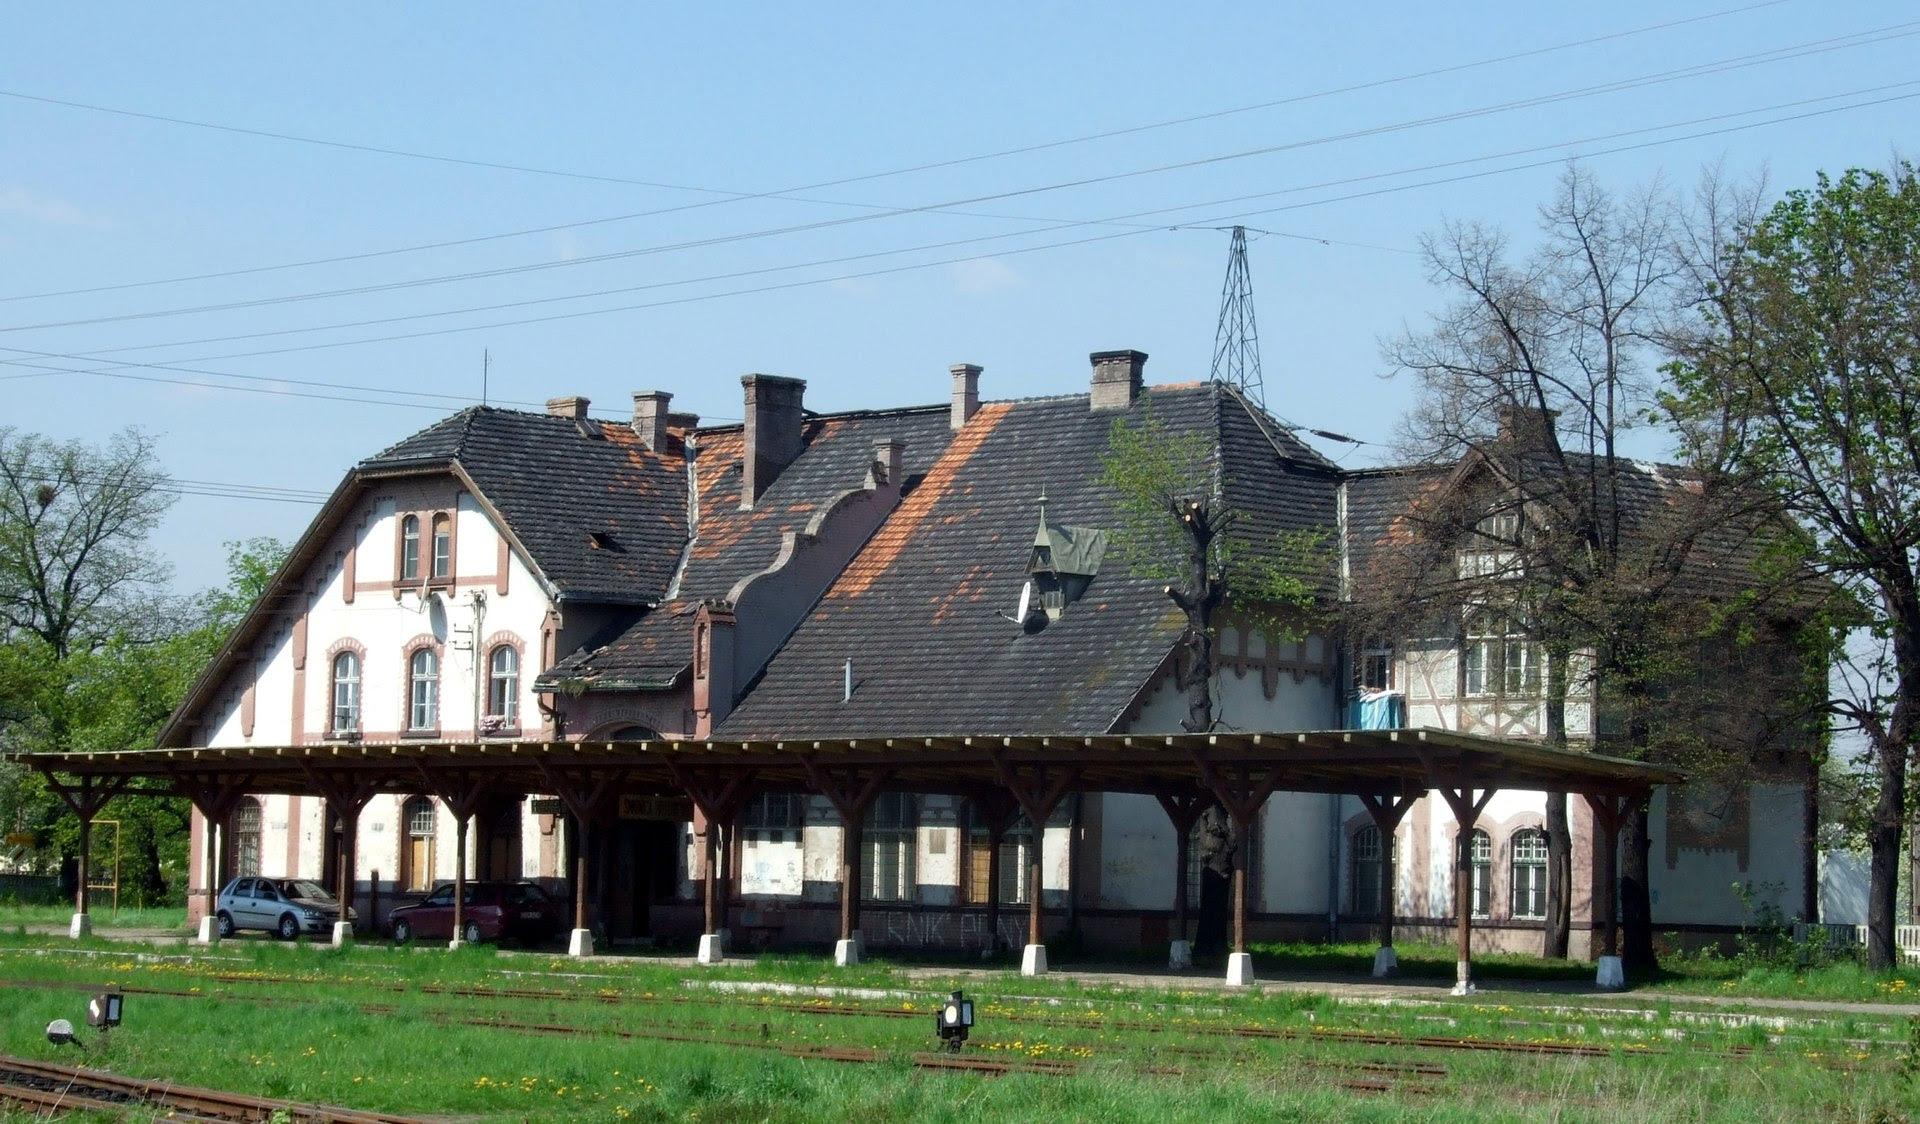 ef20e1005 Walbrzyska.eu: Odbudowa odcinka kolei do Walimia jako atrakcji turystycznej.